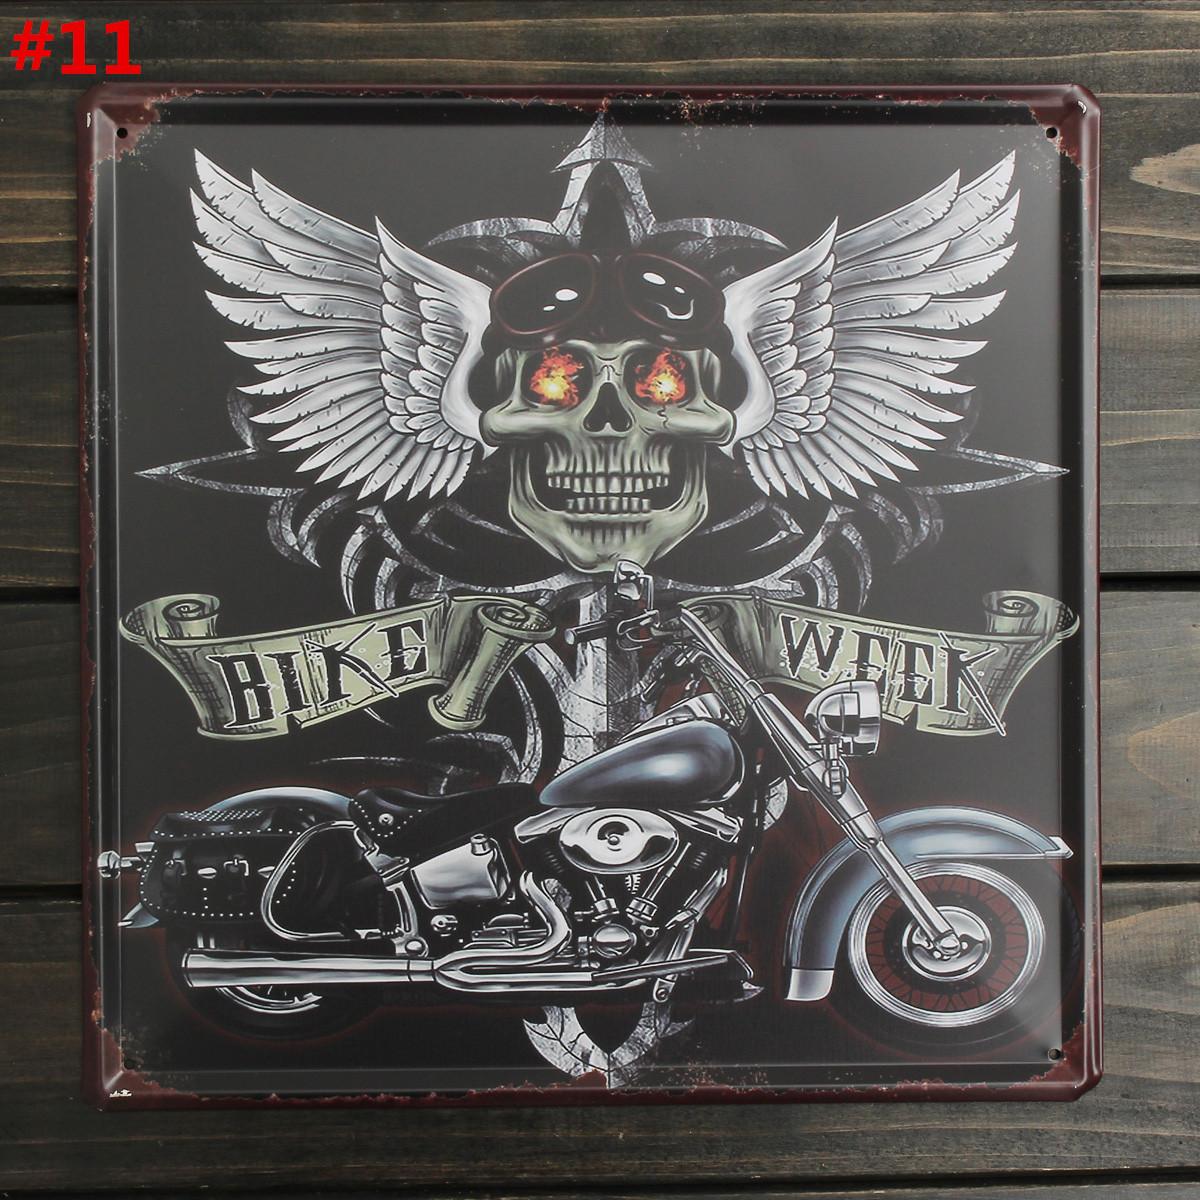 30x30cm vintage plaque metal affiche mural publicitaire bar caf pub maison deco ebay - Plaque publicitaire vintage ...